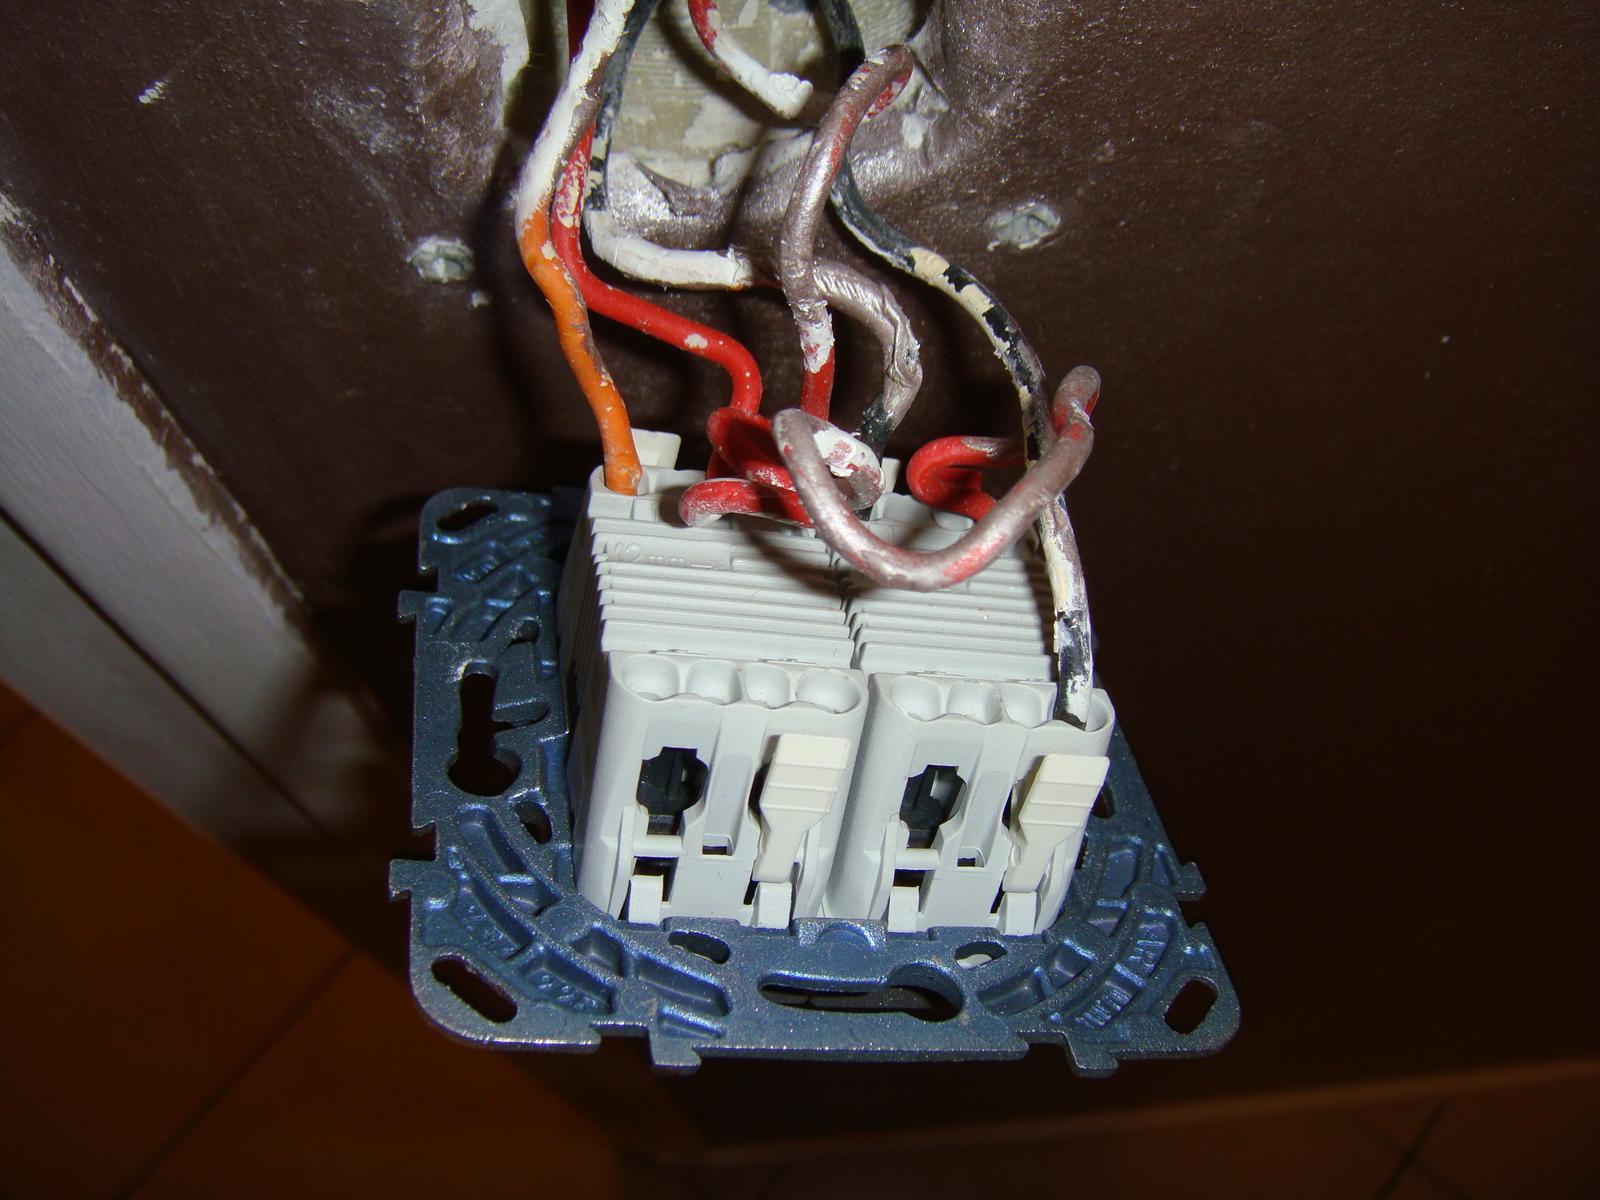 Comment brancher mon double interrupteur va et vient correctement - Comment brancher un interrupteur double va et vient ...